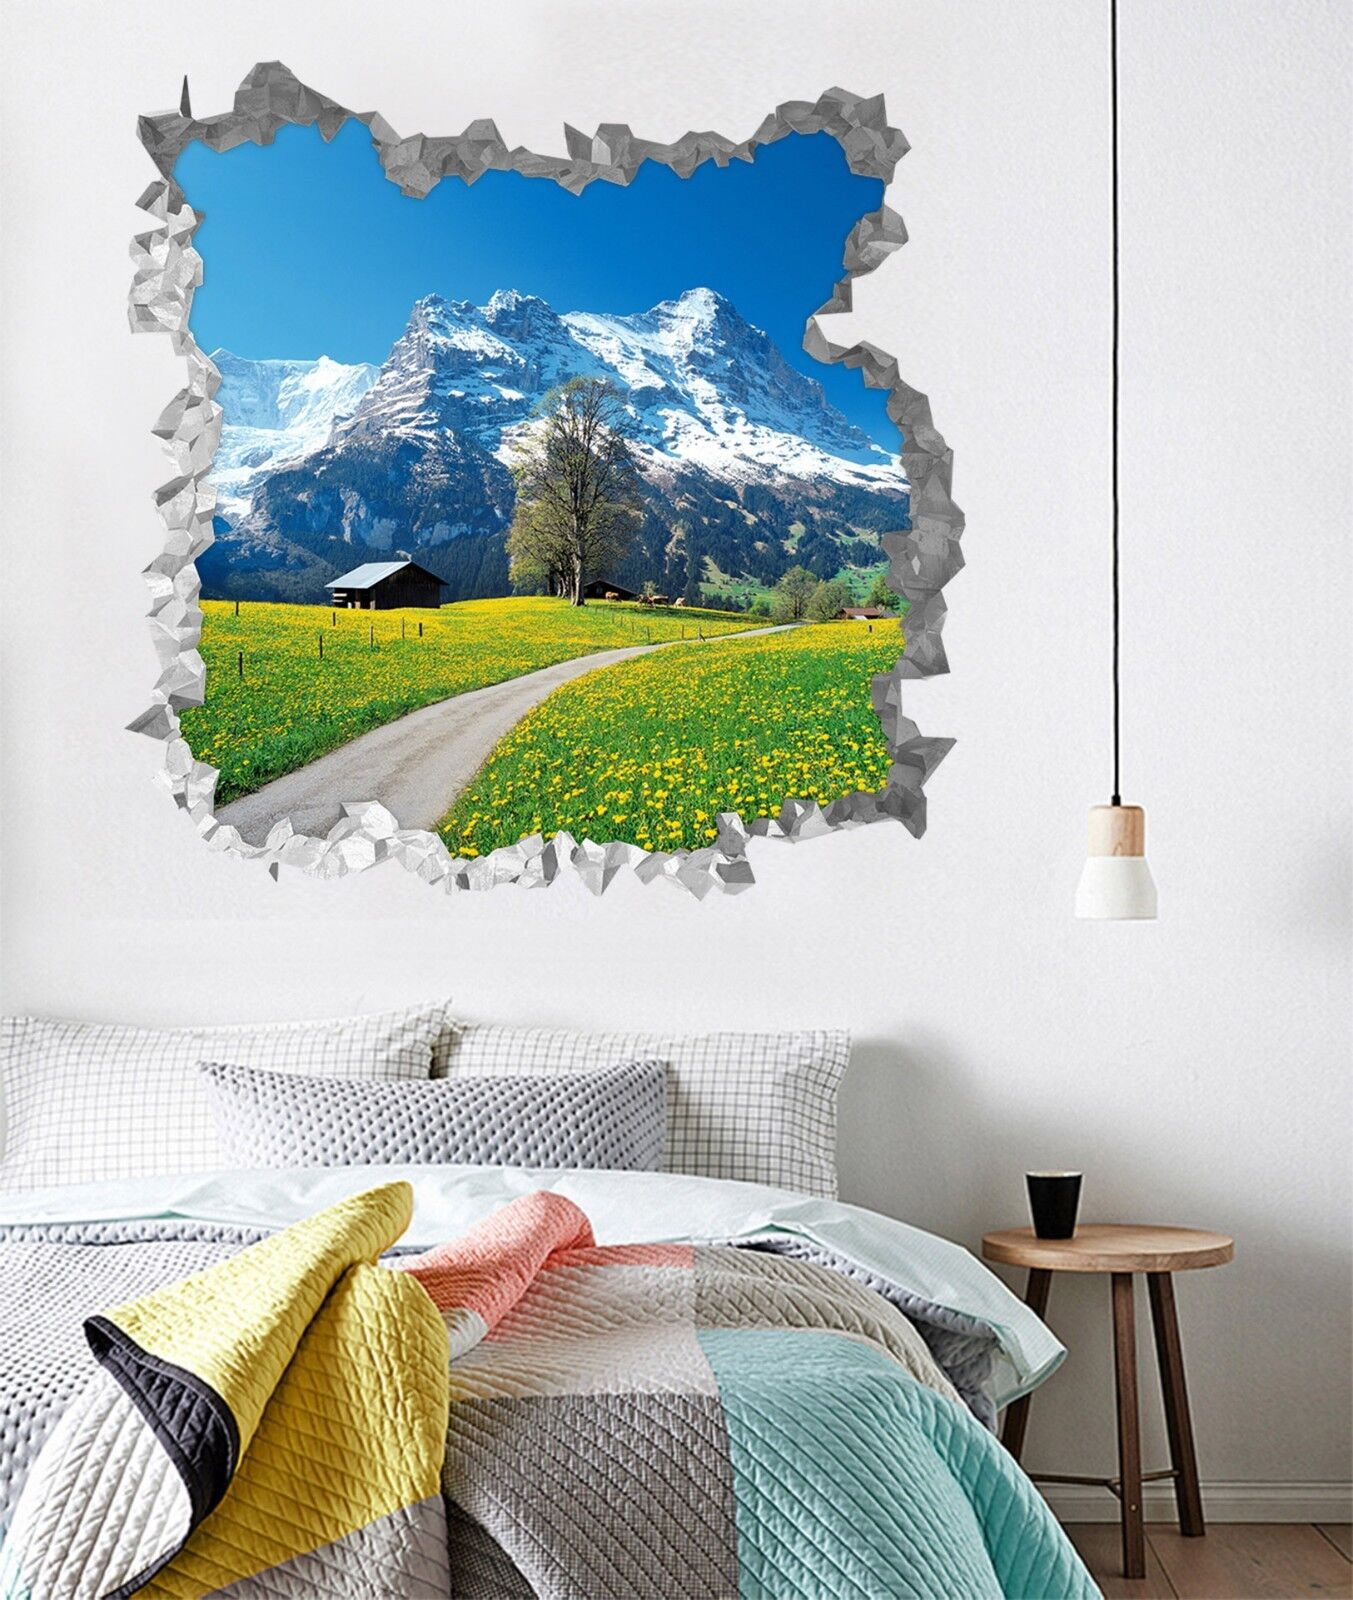 3D Bergbluemen 321 Mauer Murals Mauer Aufklebe Decal Durchbruch AJ WALLPAPER DE